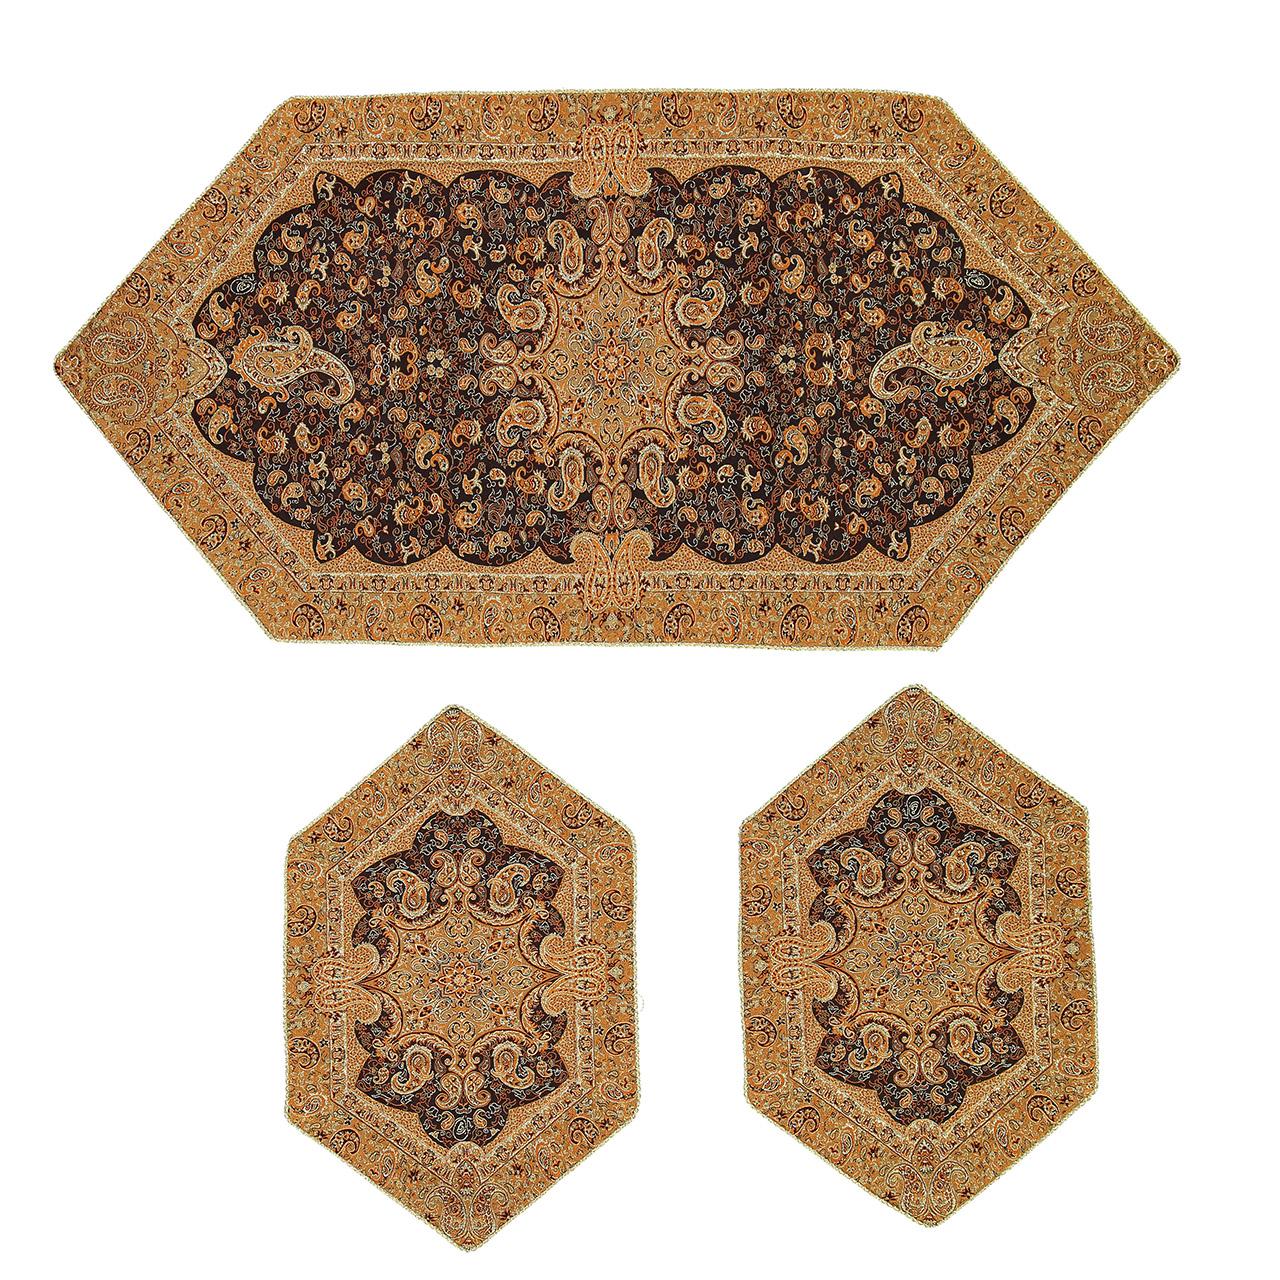 عکس ست رومیزی سپهر یاس ترمه  مدل بته جقه قهوه ای عسلی کد 11 مجموعه سه عددی